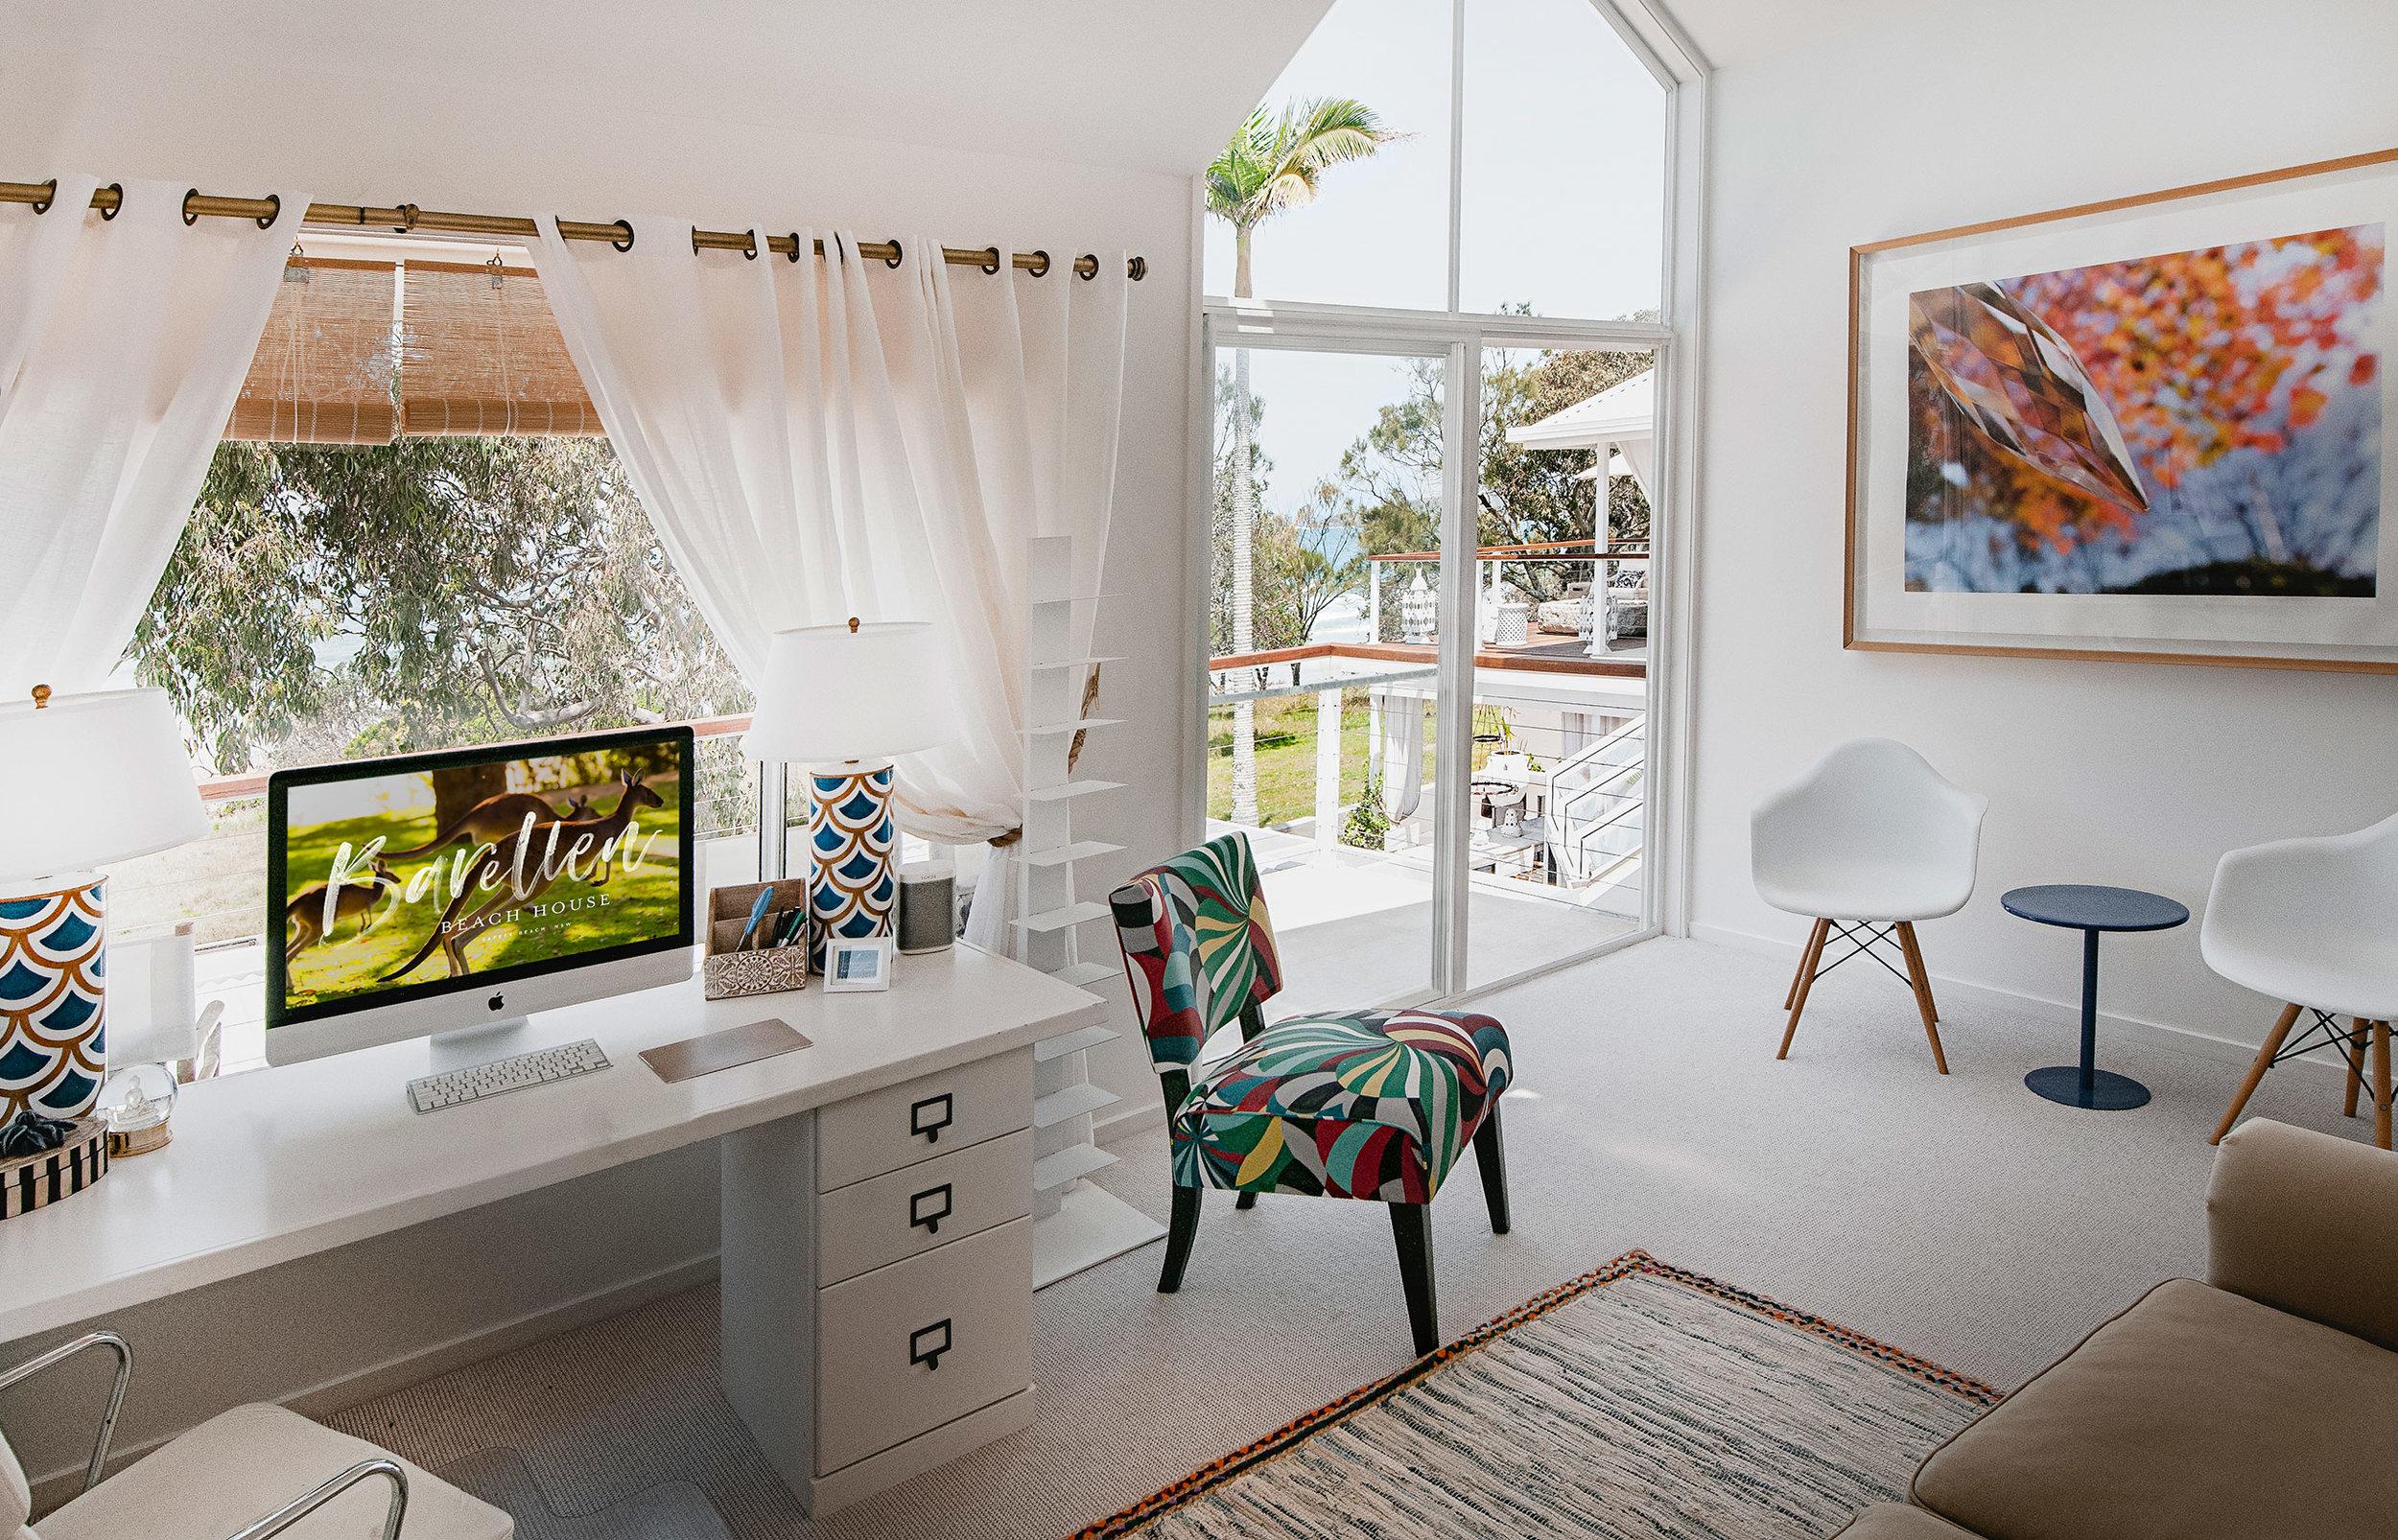 Barellen-12-Bedroom-6-Office-Office-2018-11-05-12.23.33.jpg